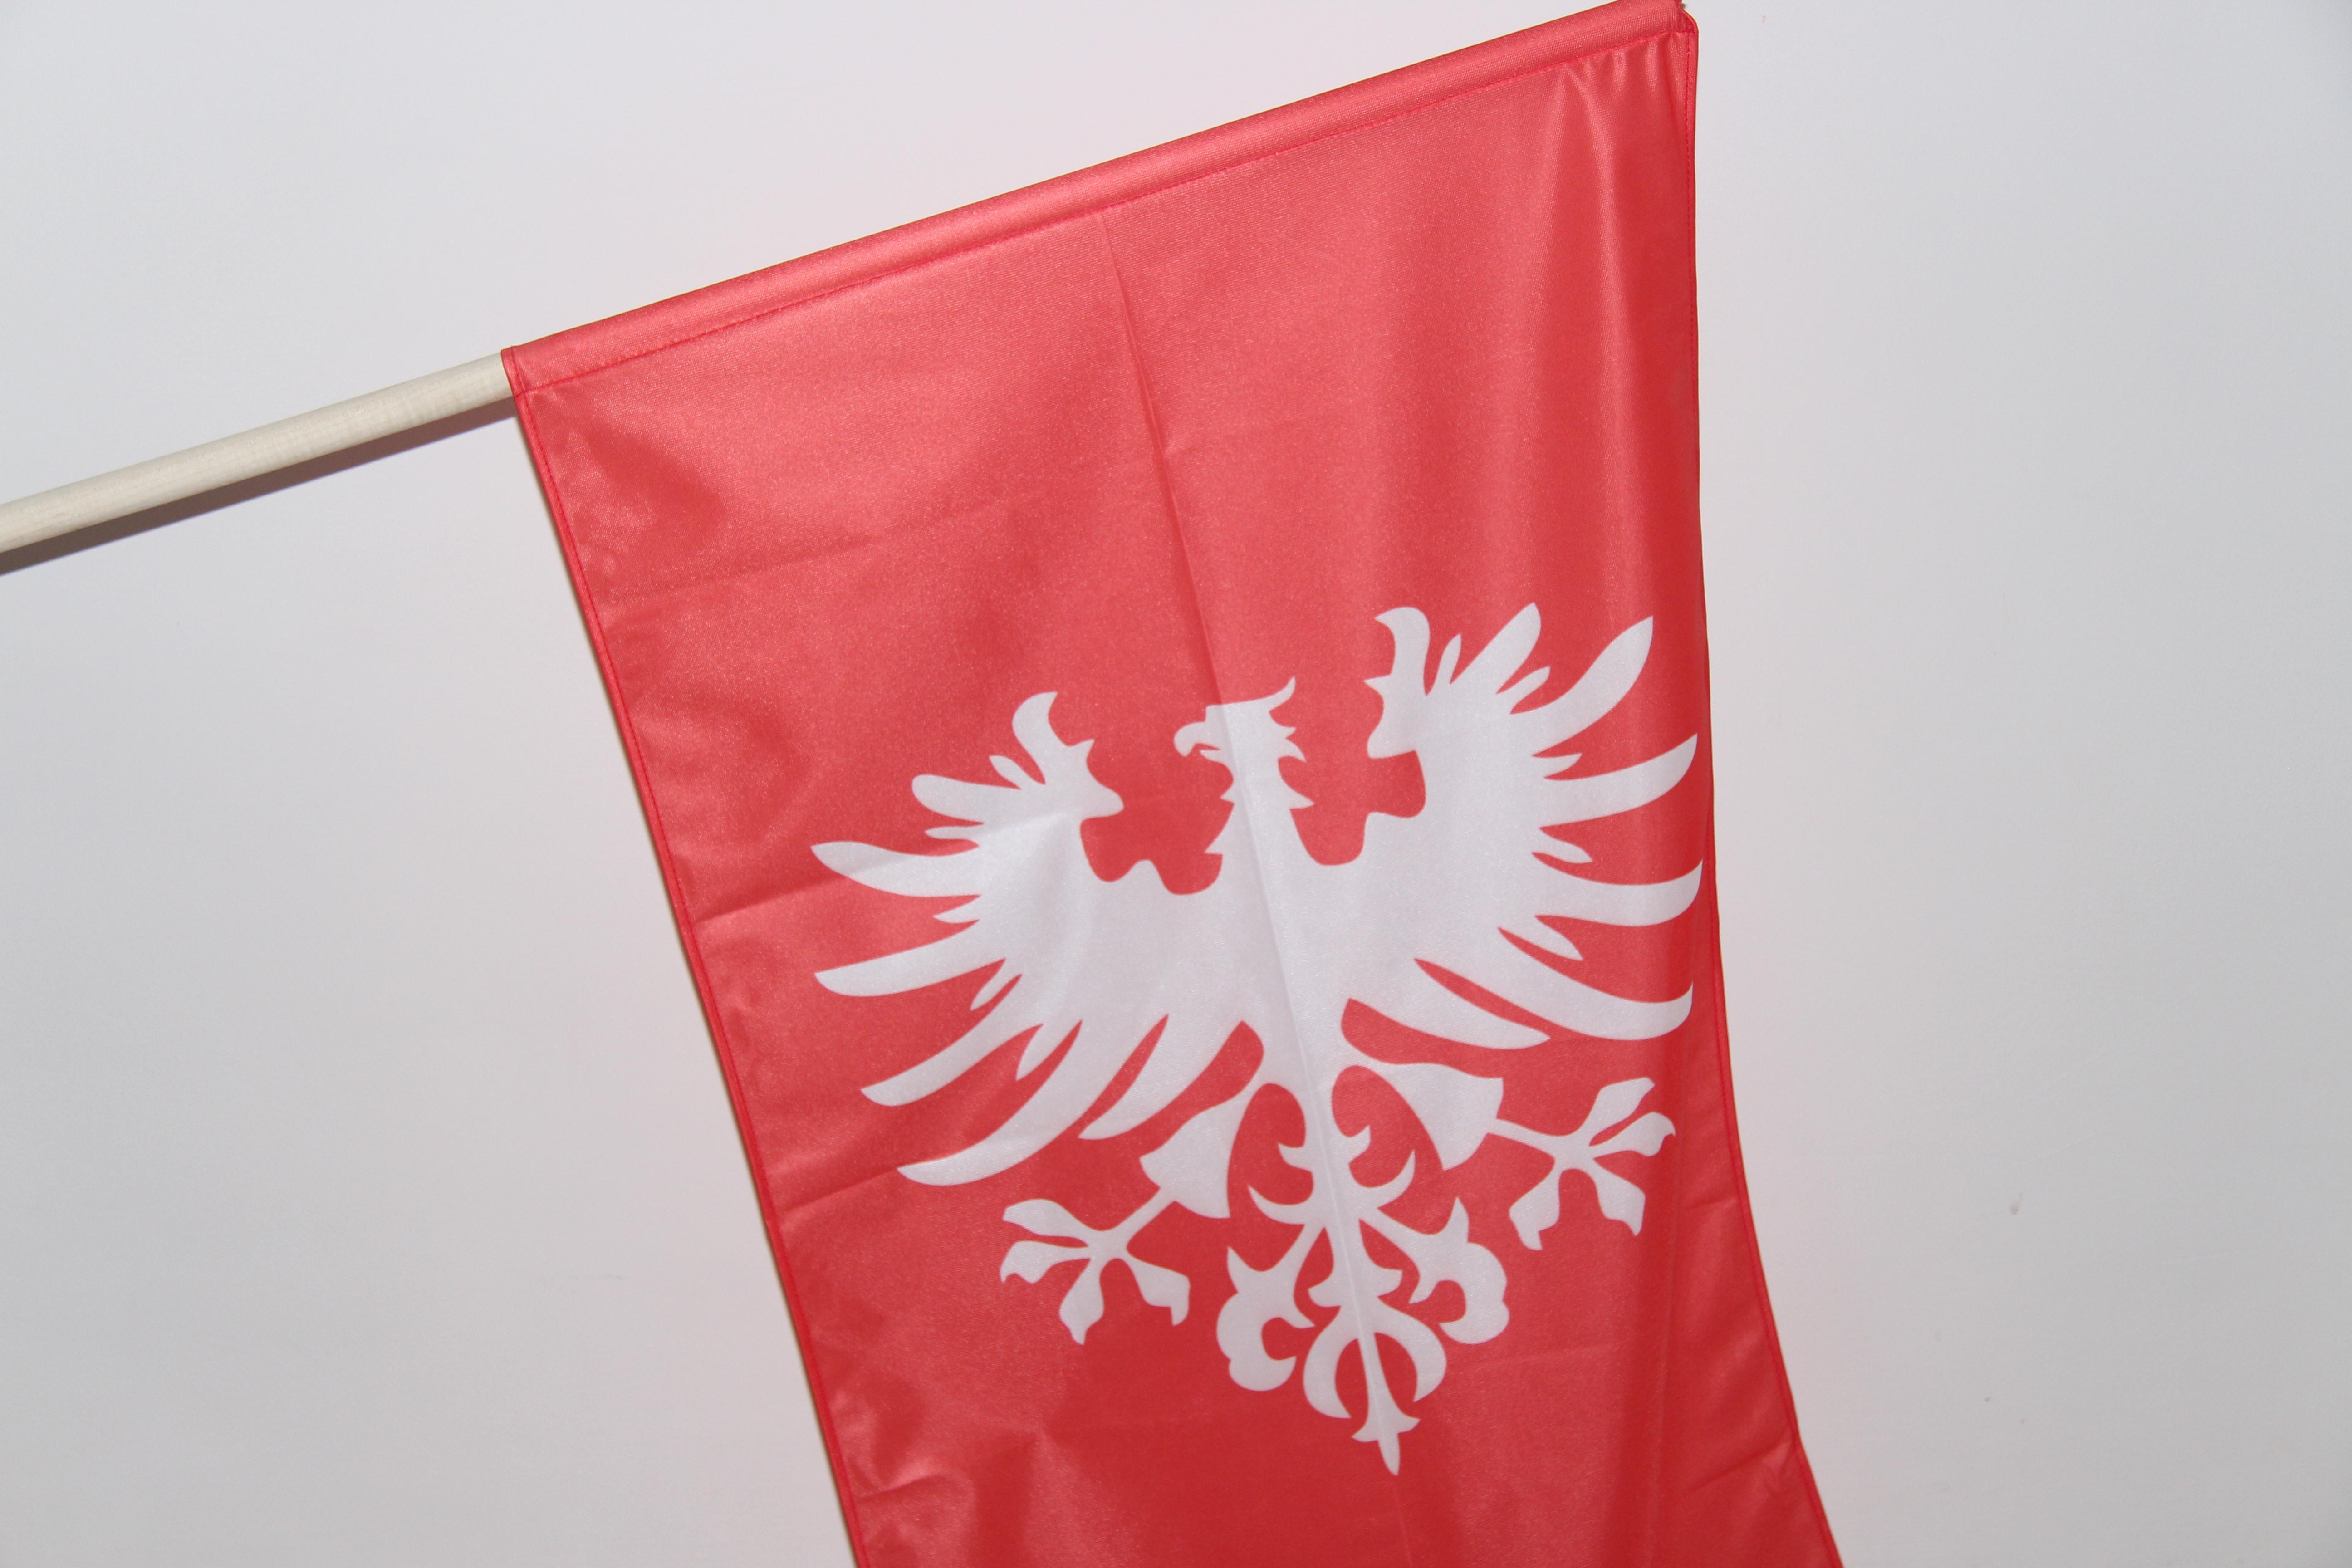 flaga powstańcza osieczna - UMiG Osieczna